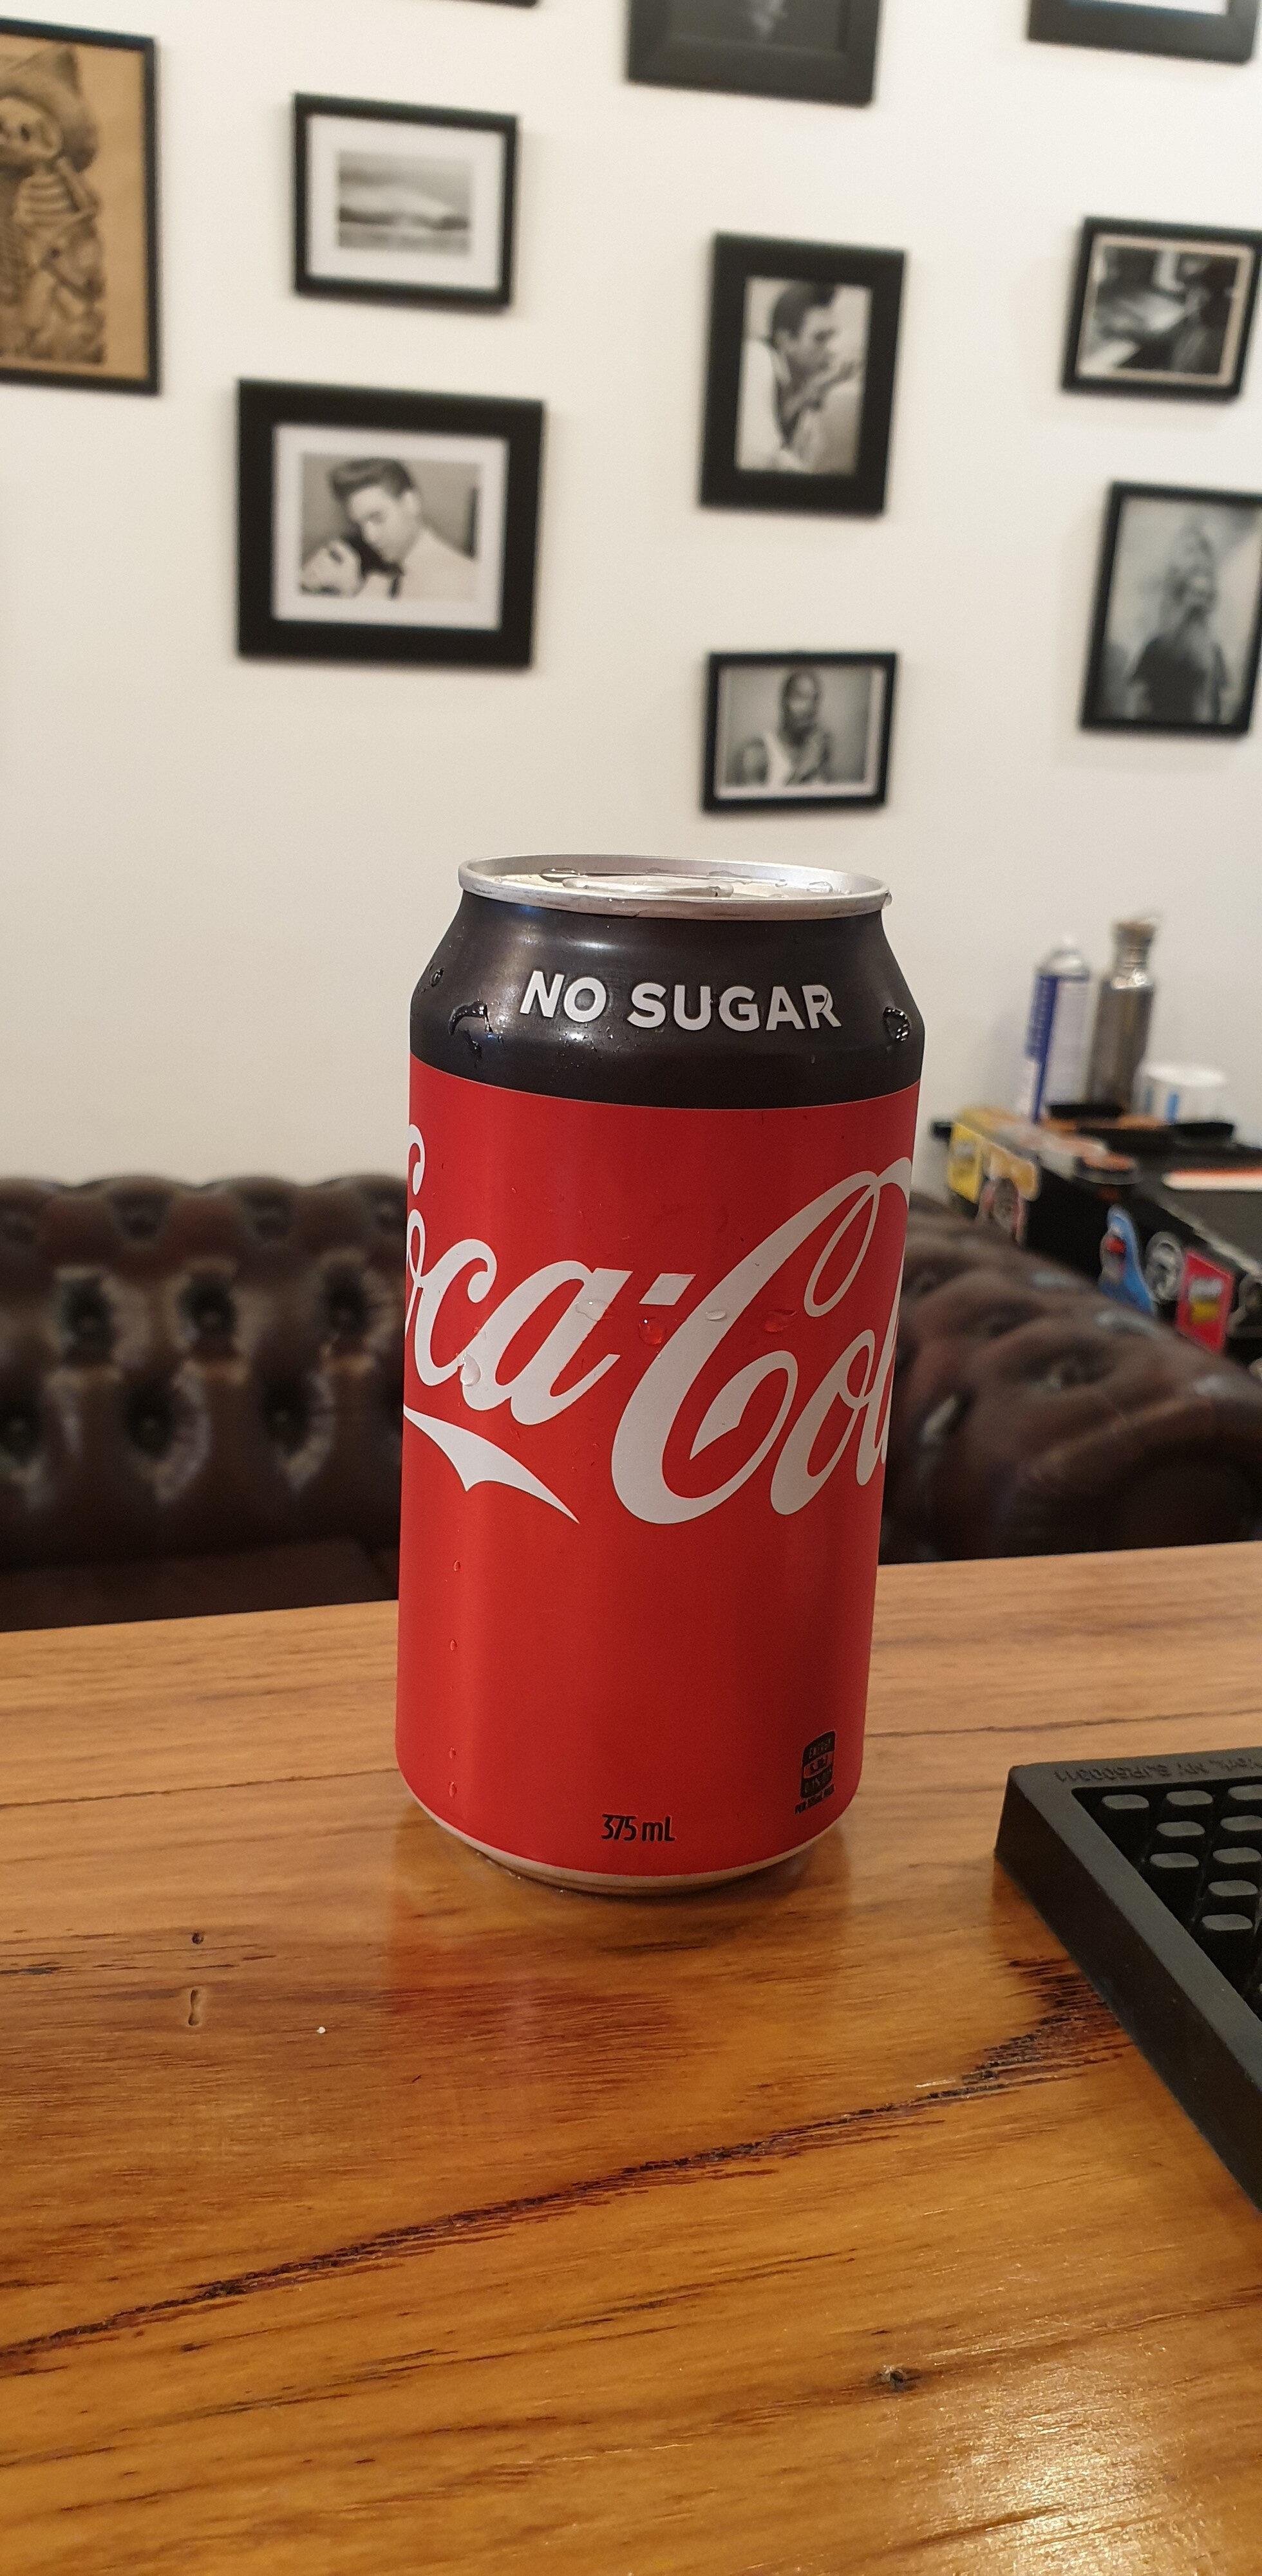 Coca Cola No Sugar - Product